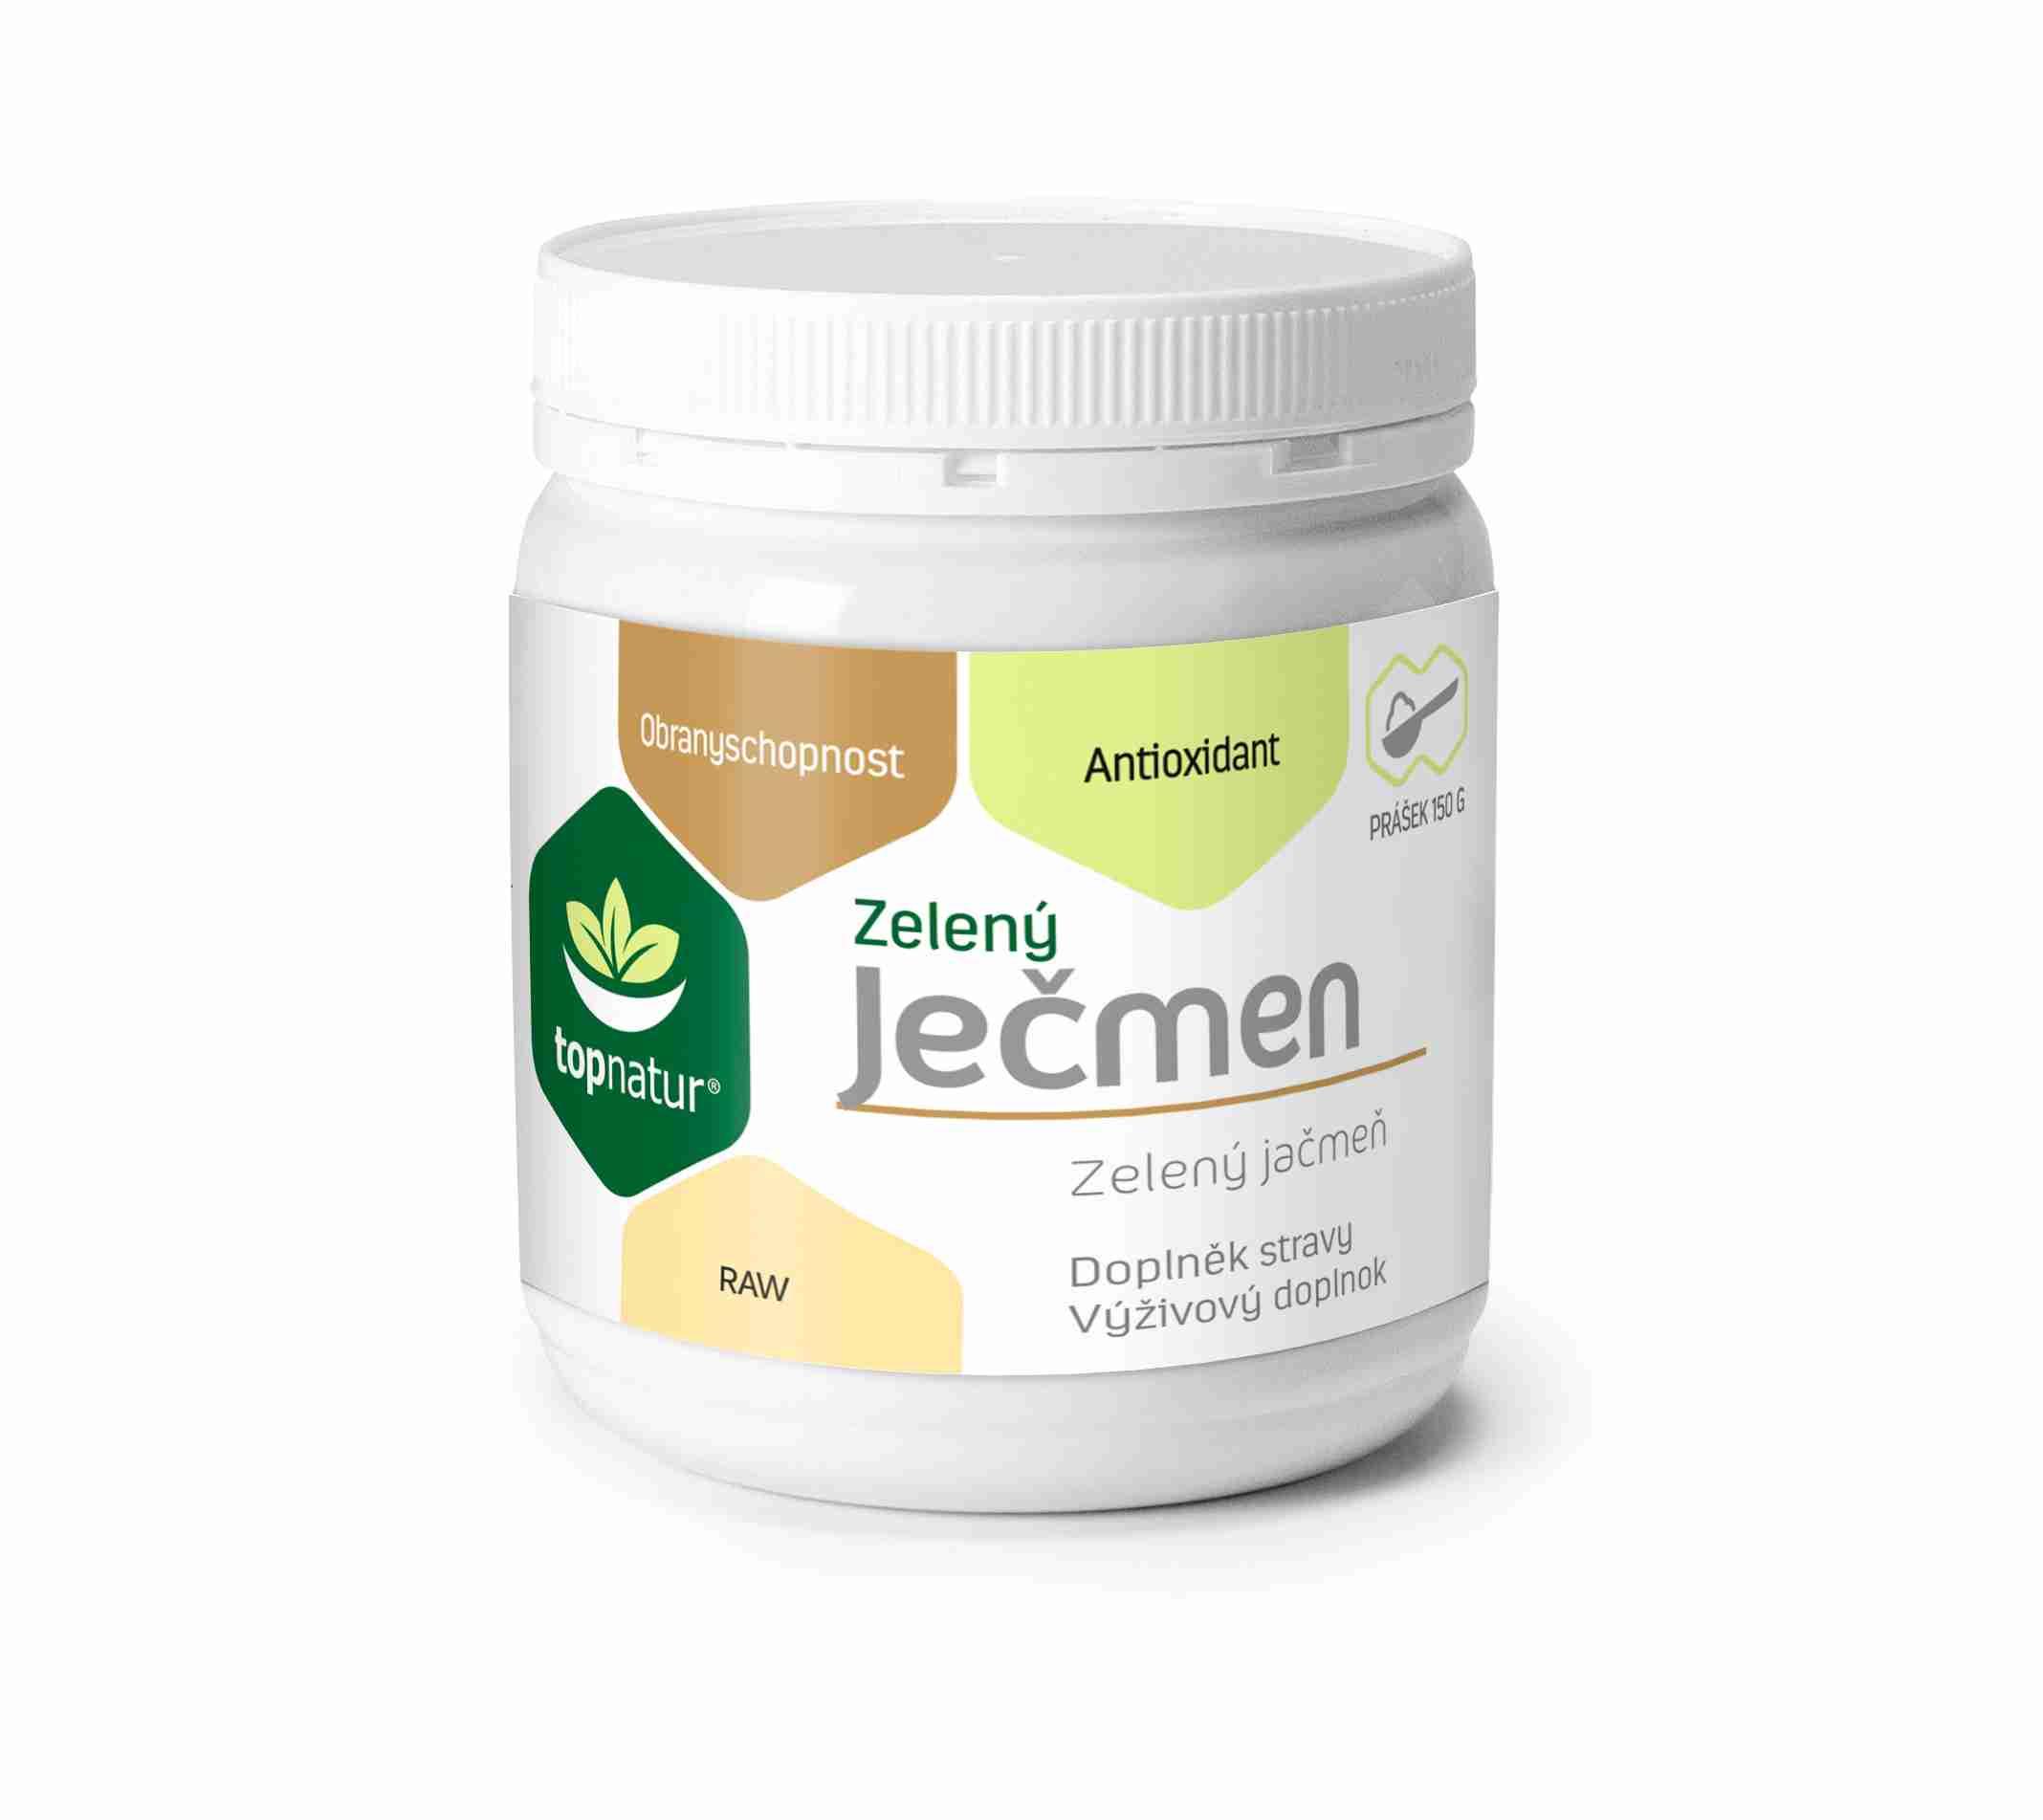 Topnatur Mladý zelený ječmen prášek Medicol 150 g